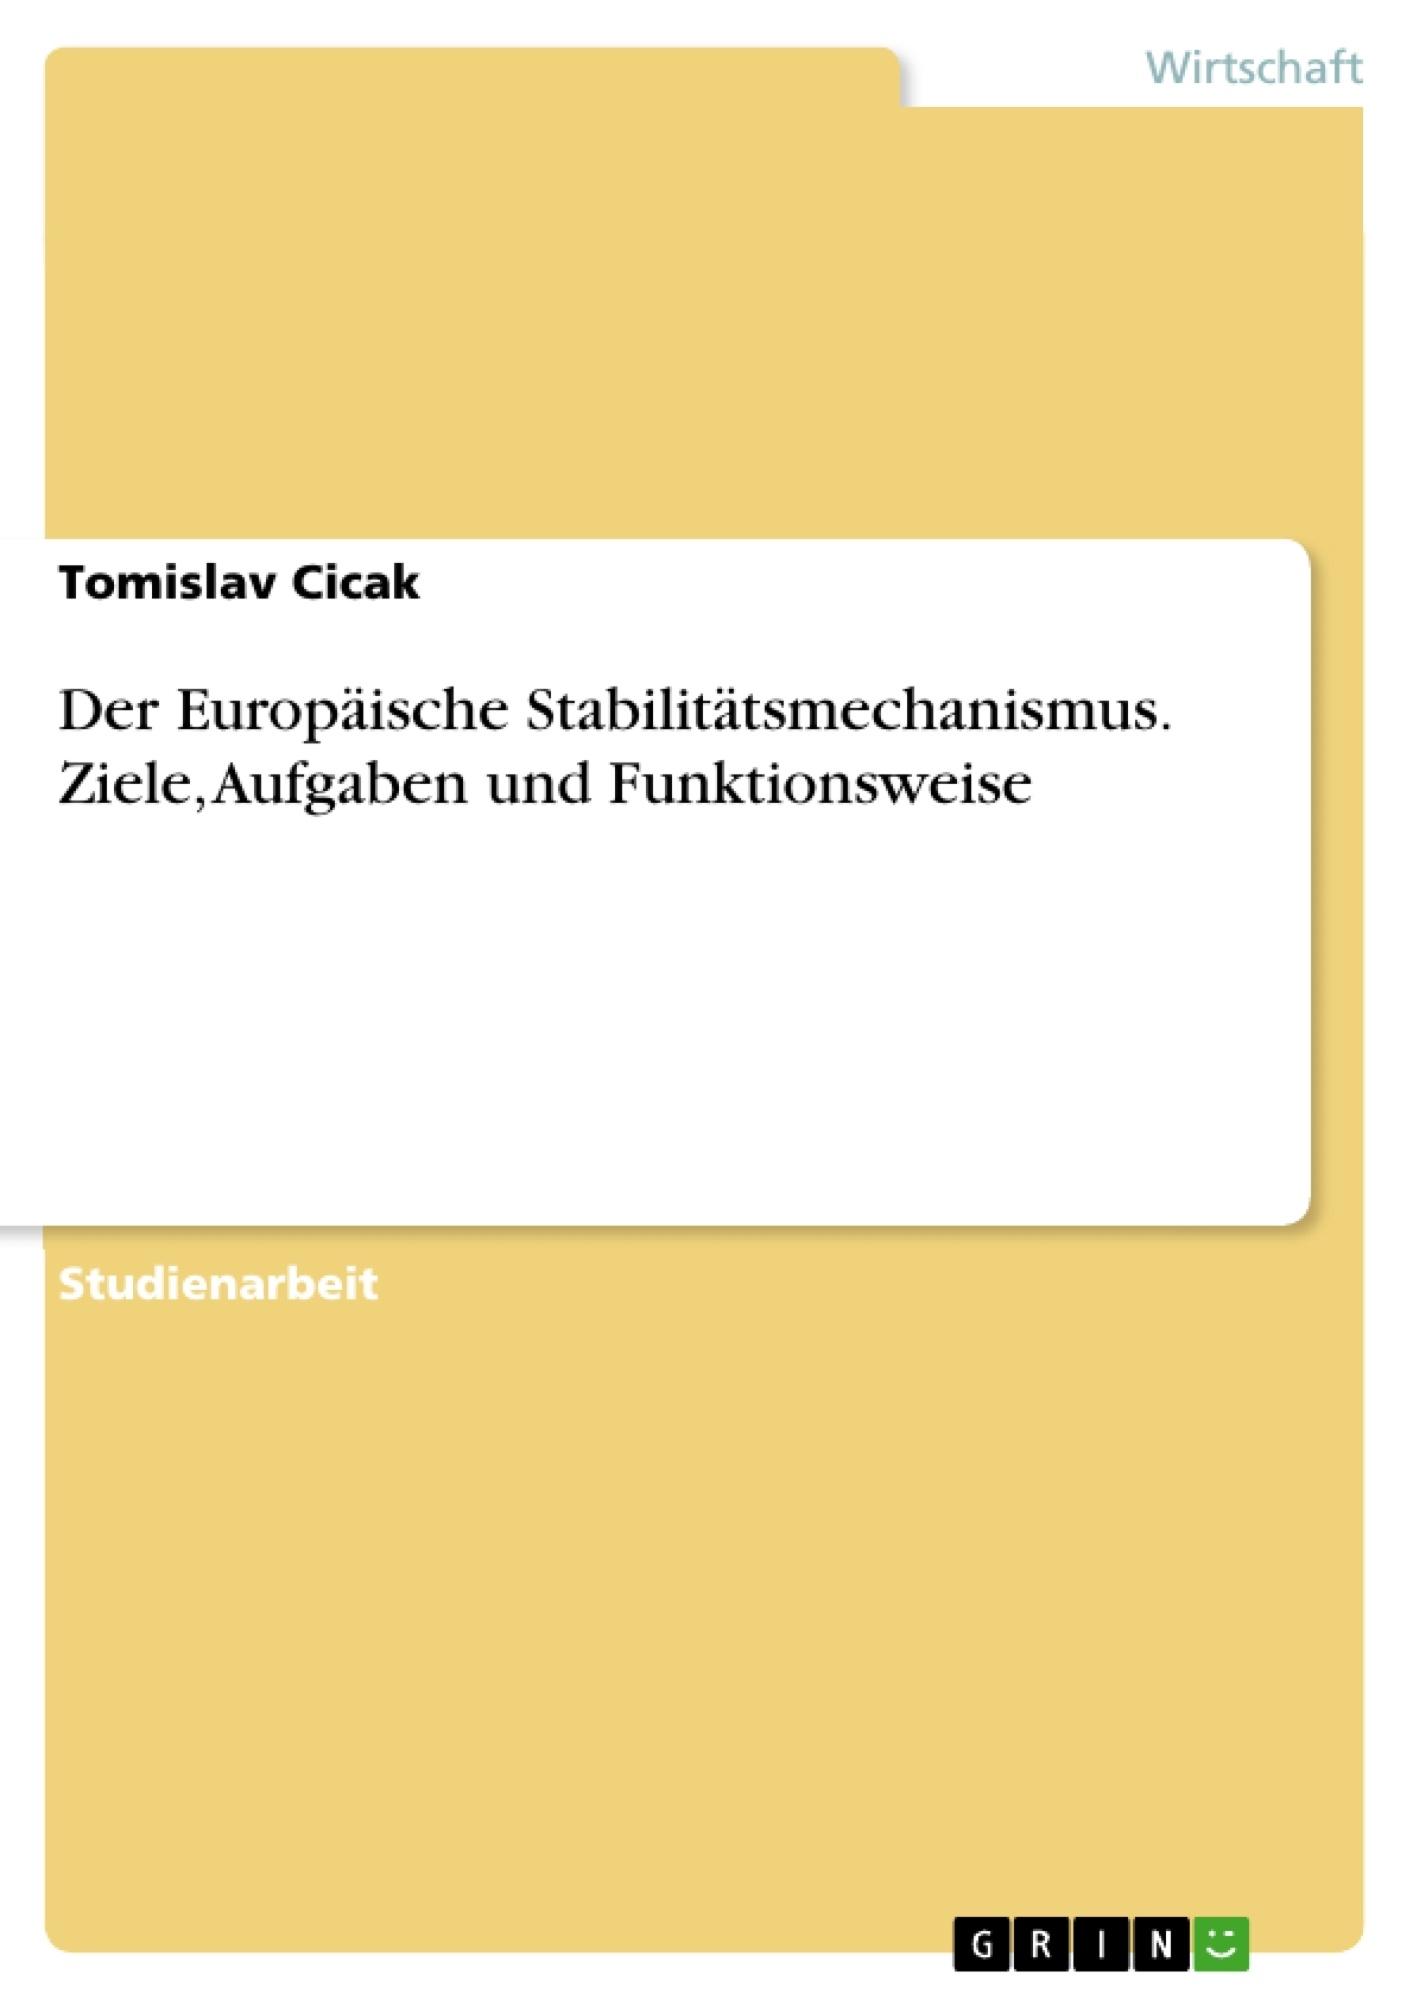 Titel: Der Europäische Stabilitätsmechanismus. Ziele, Aufgaben und Funktionsweise